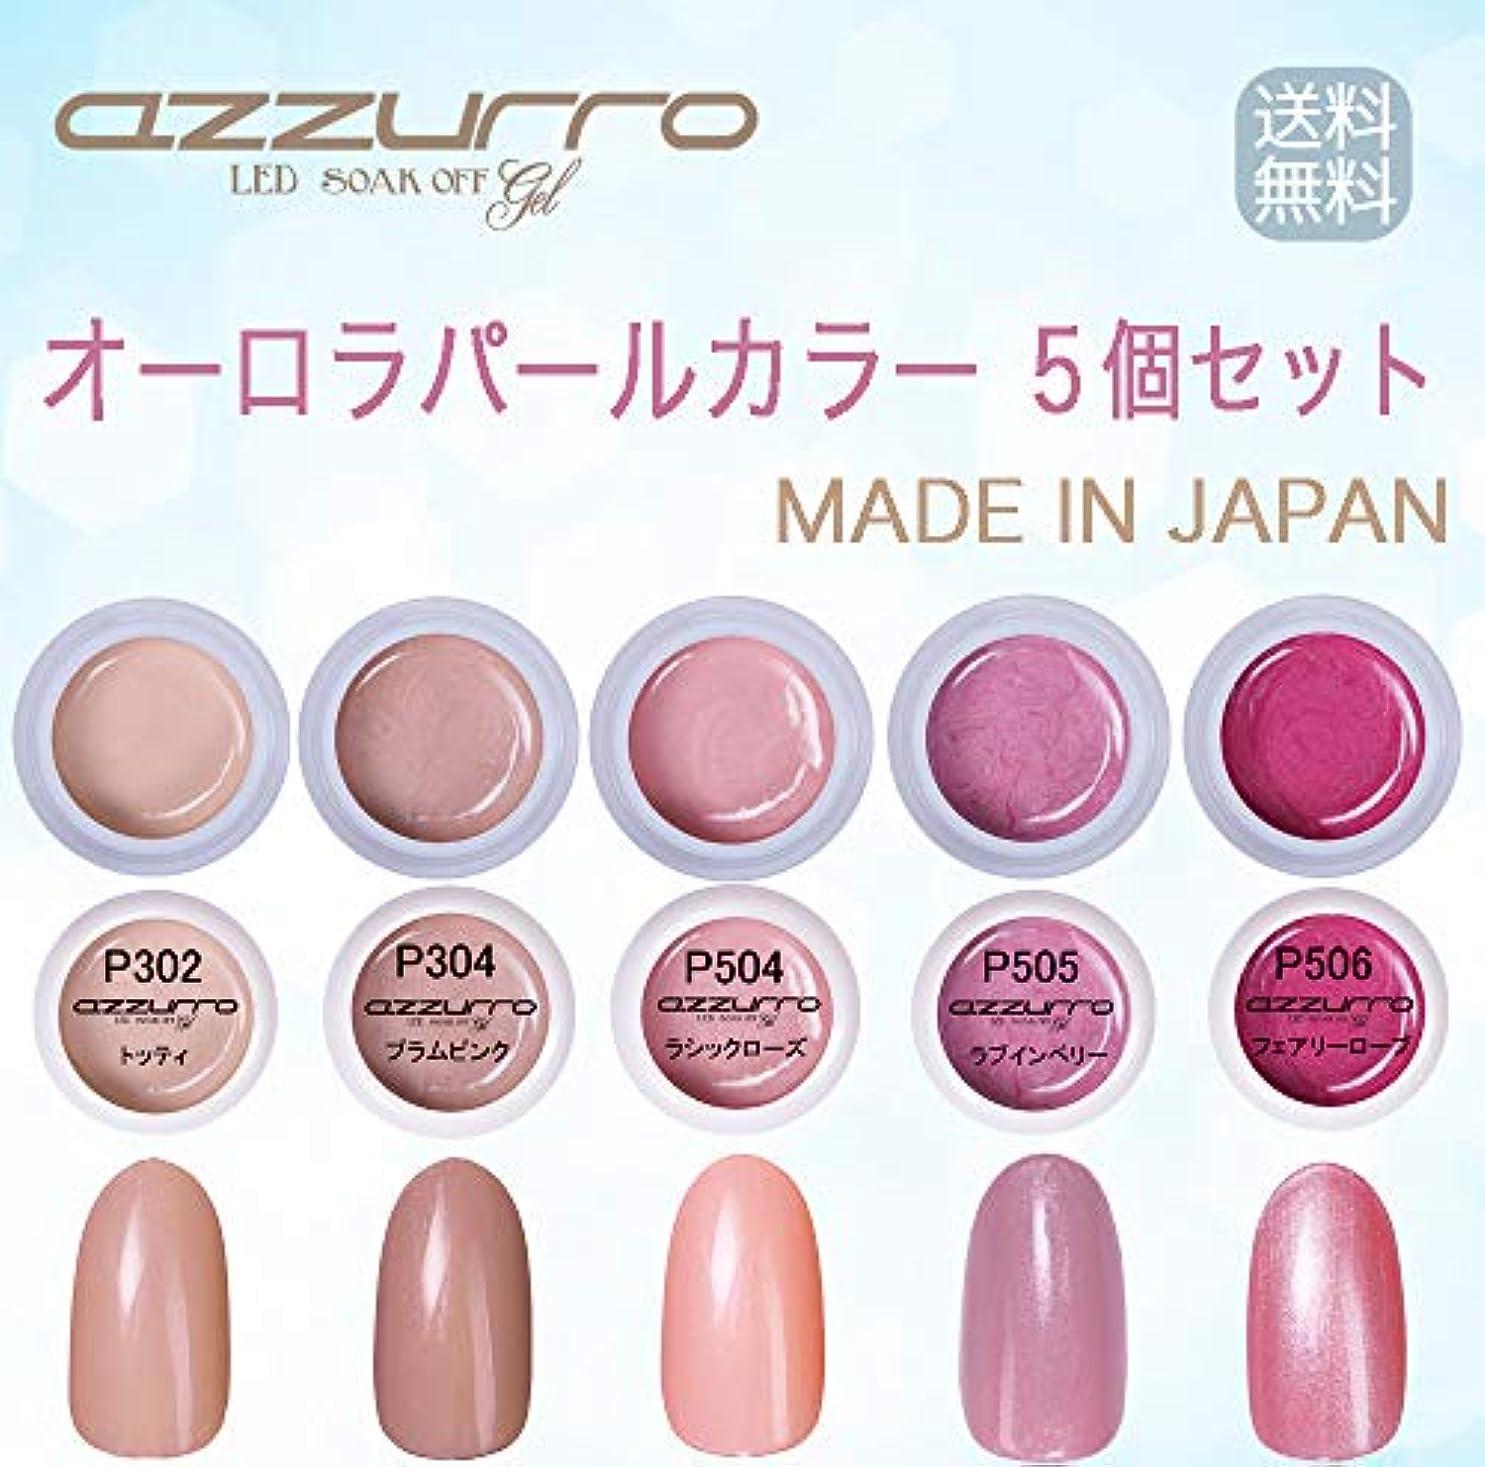 慢蒸留する乱気流【送料無料】日本製 azzurro gel オーロラパール ジェル5個セット 上品な輝きのパールカラー